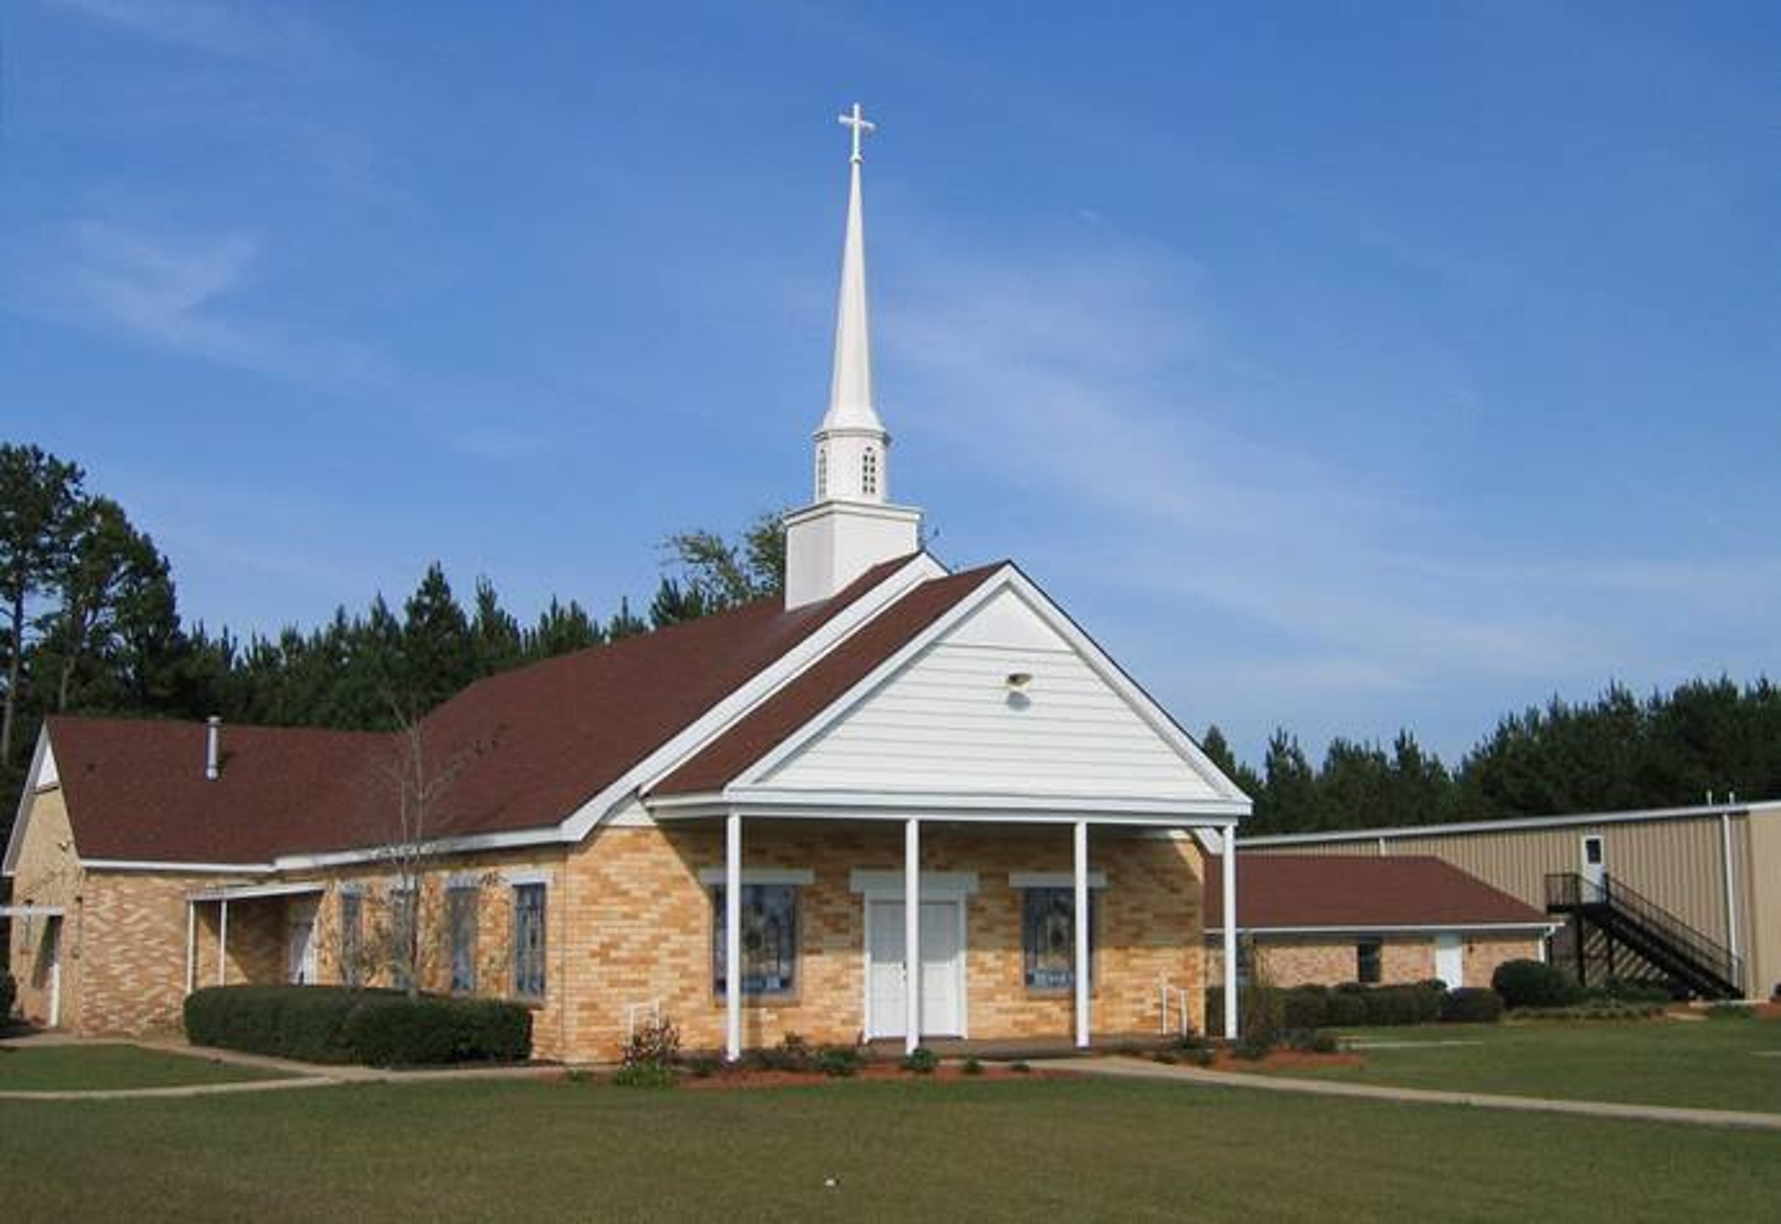 La Iglesia Metodista Unida Coy en Preston, Mississippi, se encuentra entre las siete congregaciones de Mississippi que dejaron la denominación el 30 de junio. Foto cortesía de la Conferencia Anual de Mississippi.